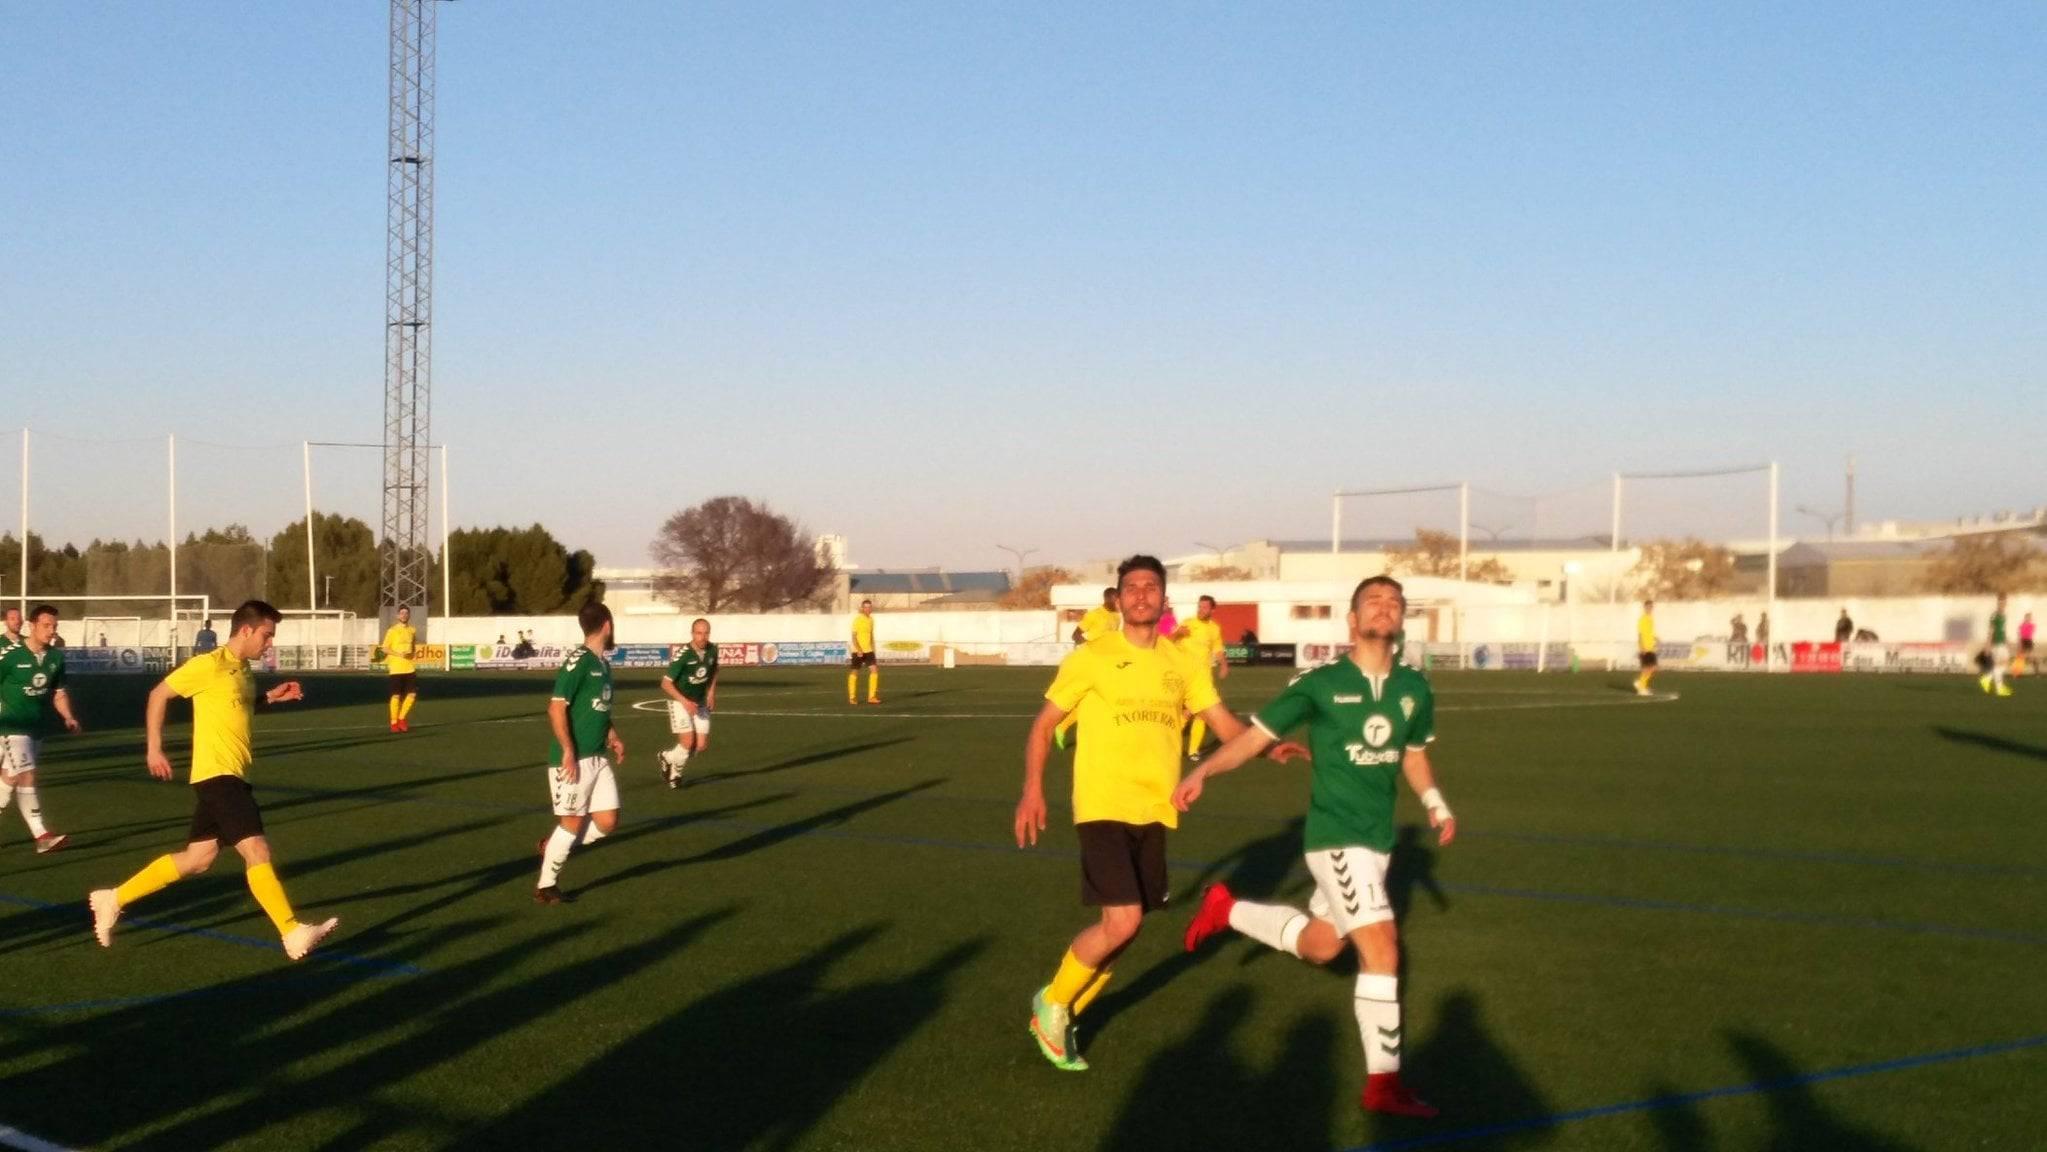 herencia cf vs las mesas futbol herencia 1 - Herencia C.F. suma otros 3 puntos frente Las Mesas